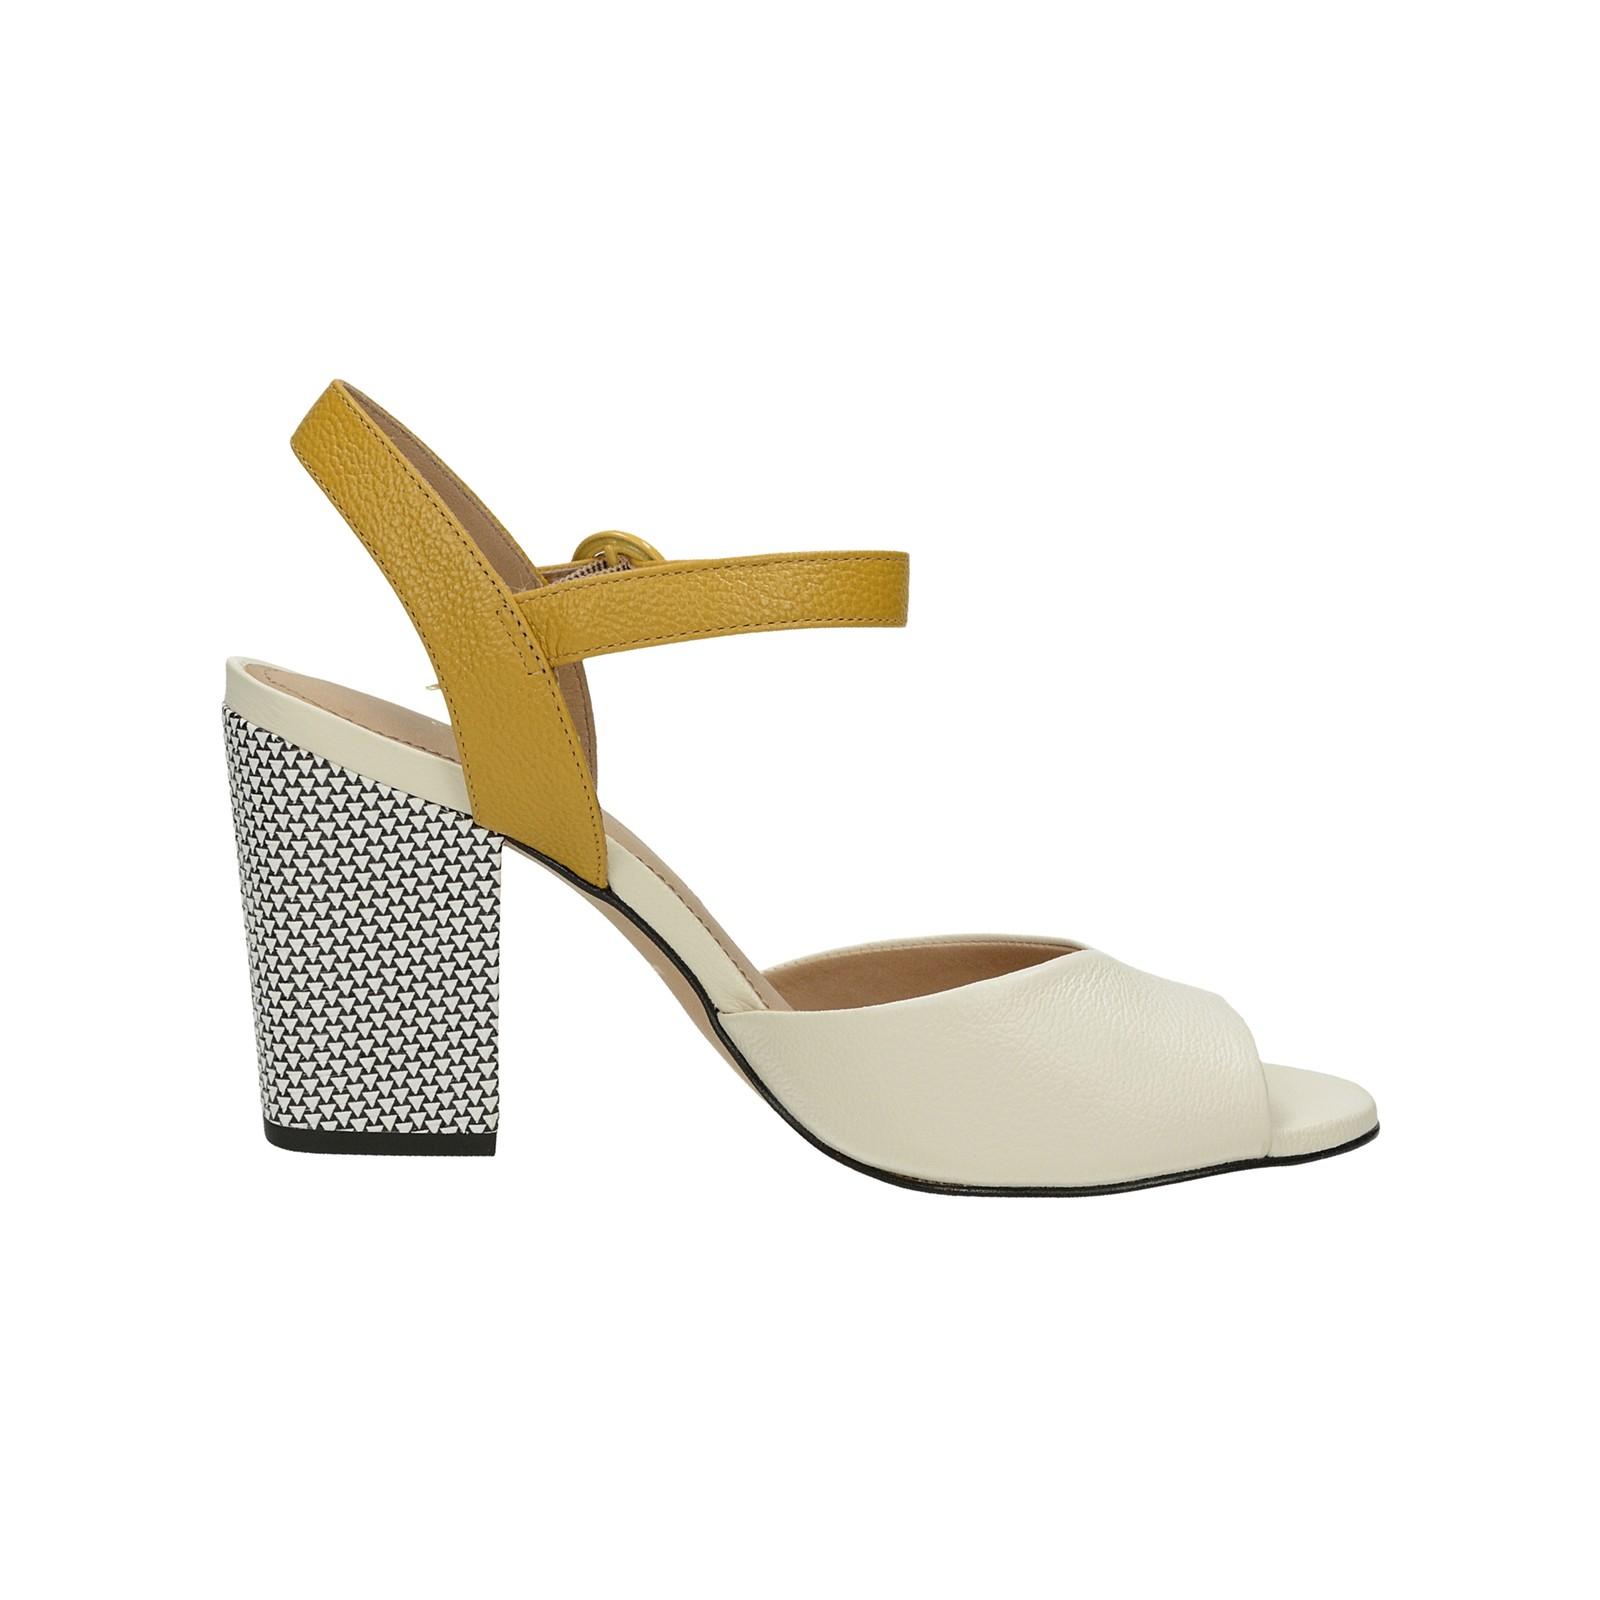 be349568bc00 ... Olivia shoes dámske štýlové sandále s remienkom - béžové ...